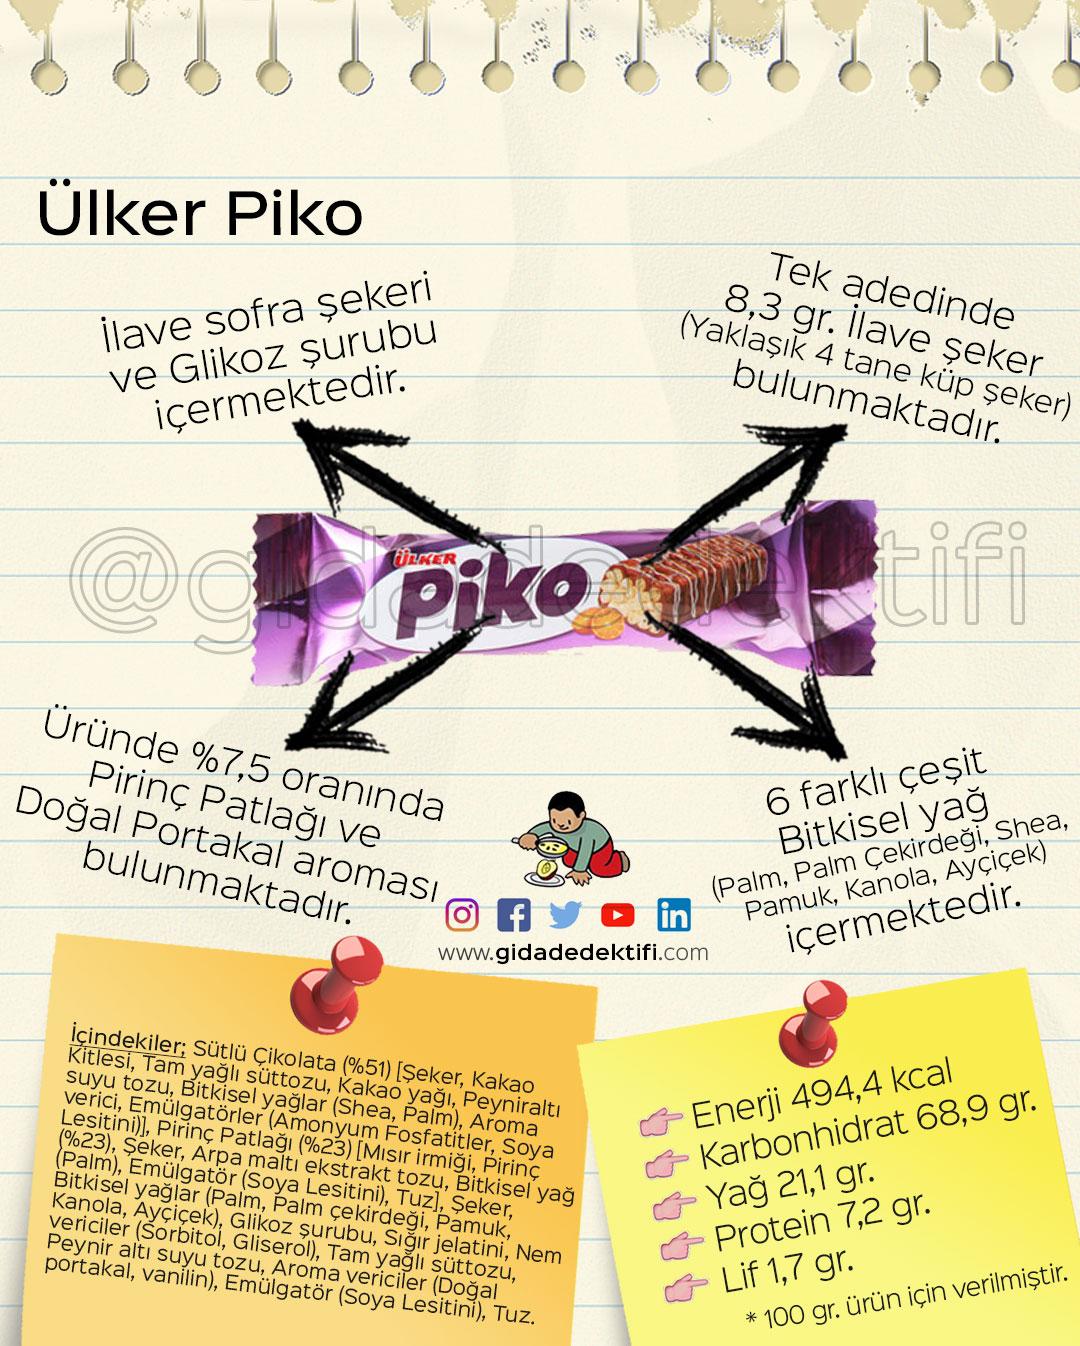 lker-Piko